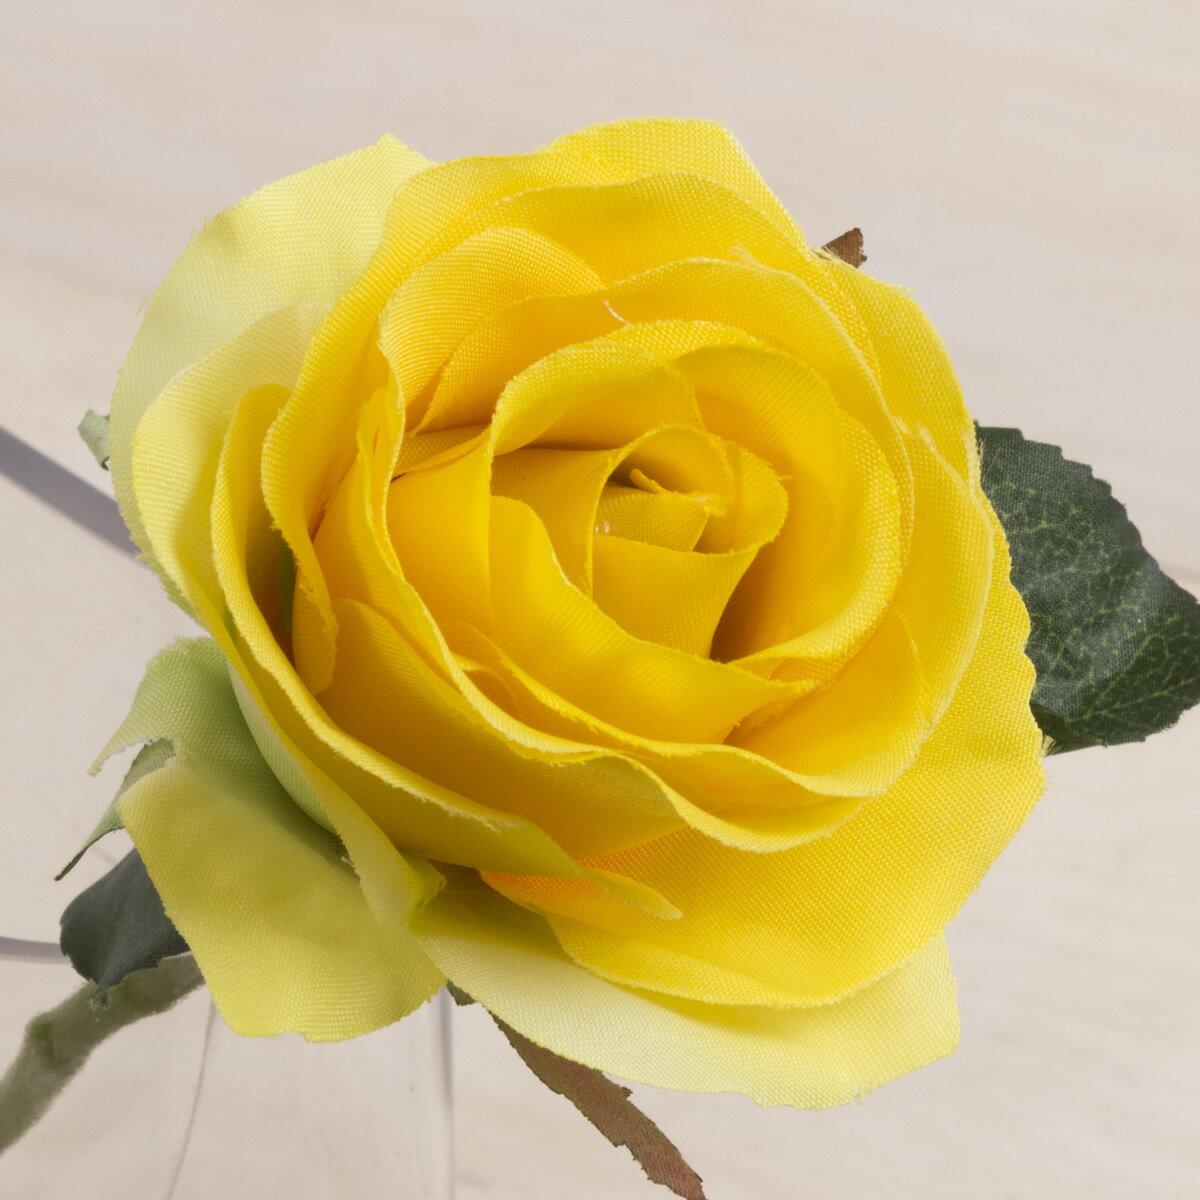 即日★【造花】YDM/ローズ イエロー/FF2853-Y|造花 バラ【00】《 造花(アーティフィシャルフラワー) 造花 花材「は行」 バラ 》